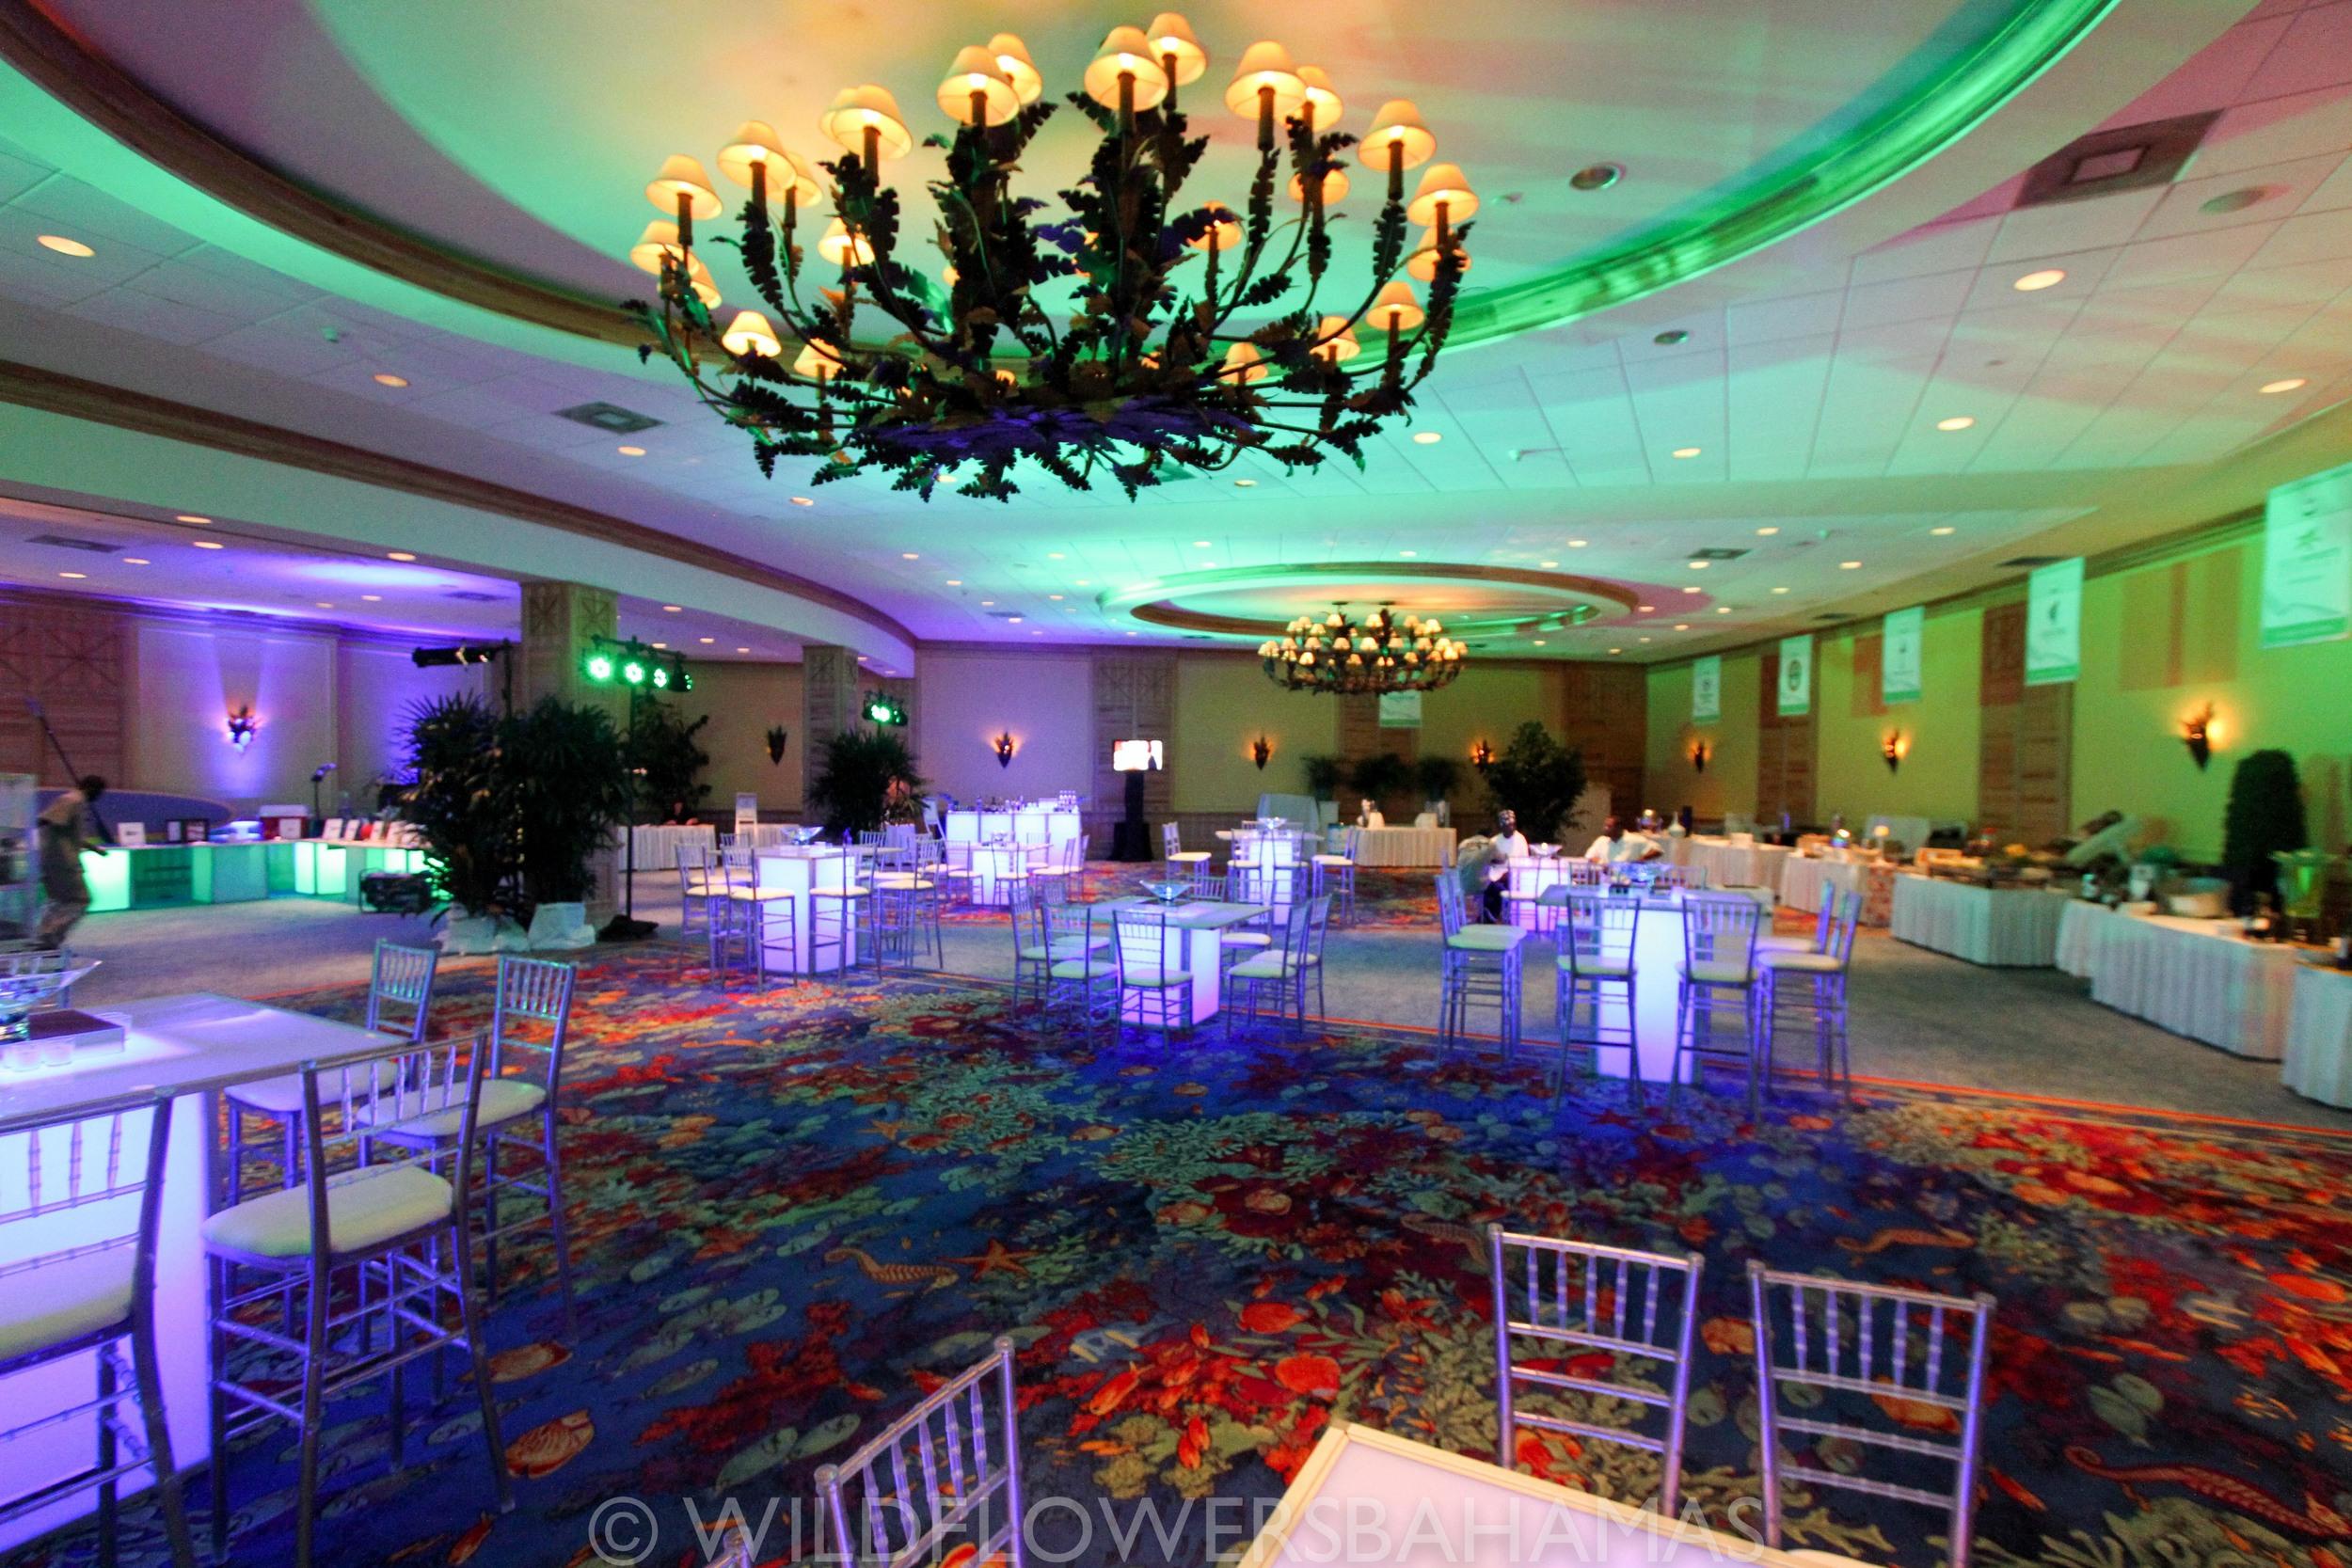 Wildflowers-Bahamas-Weddings-Events-001-30.jpg